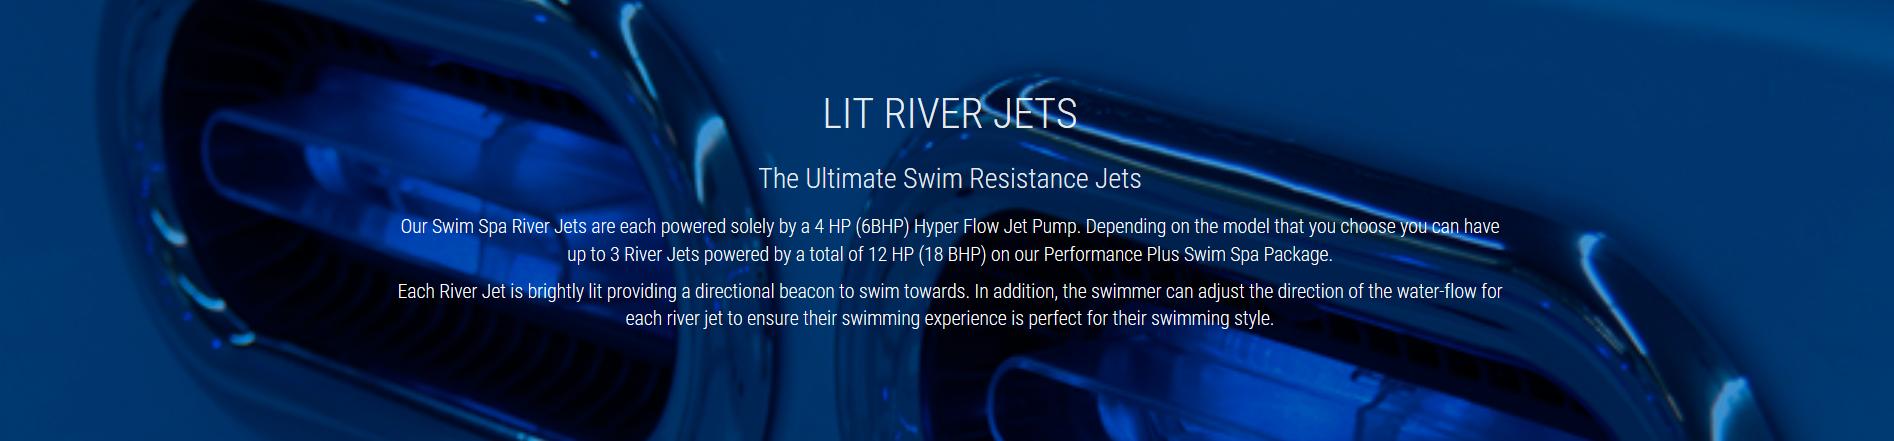 LIT River Jets.png